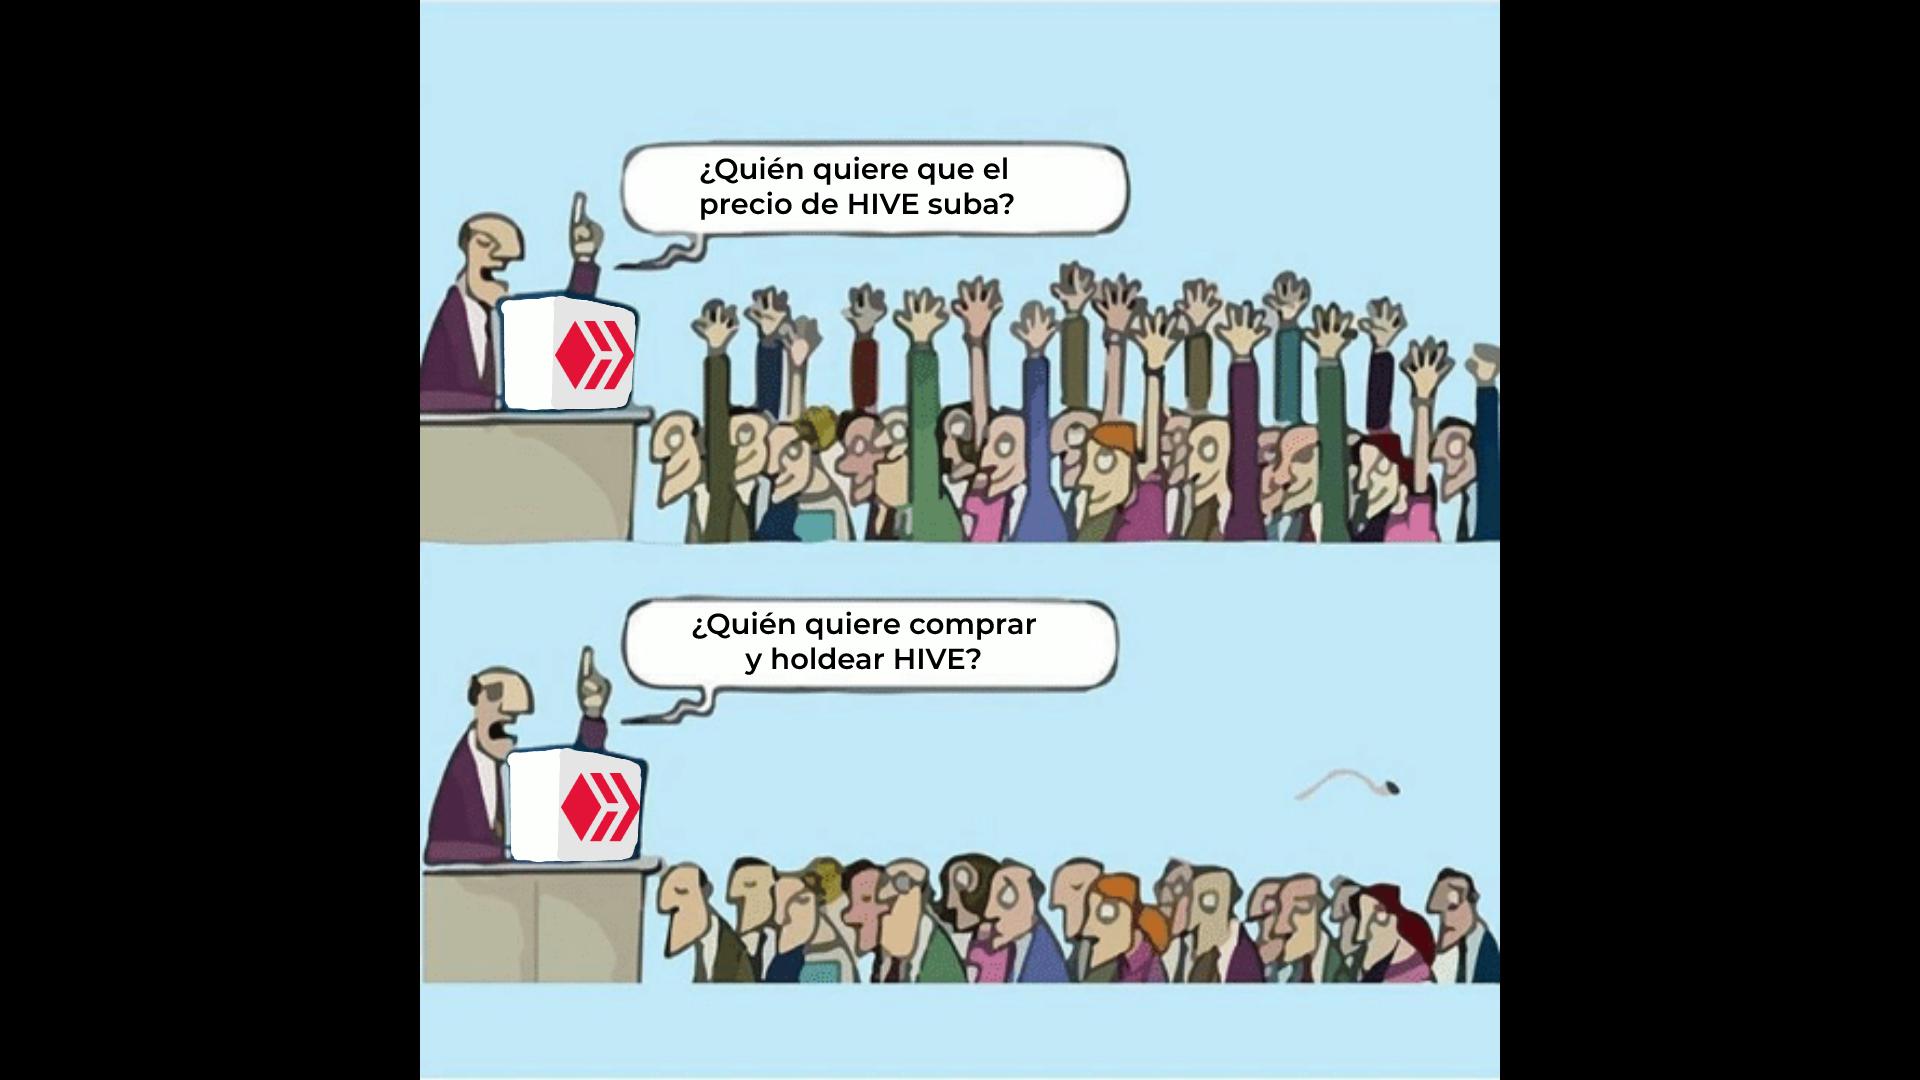 hiveprecioquien.png